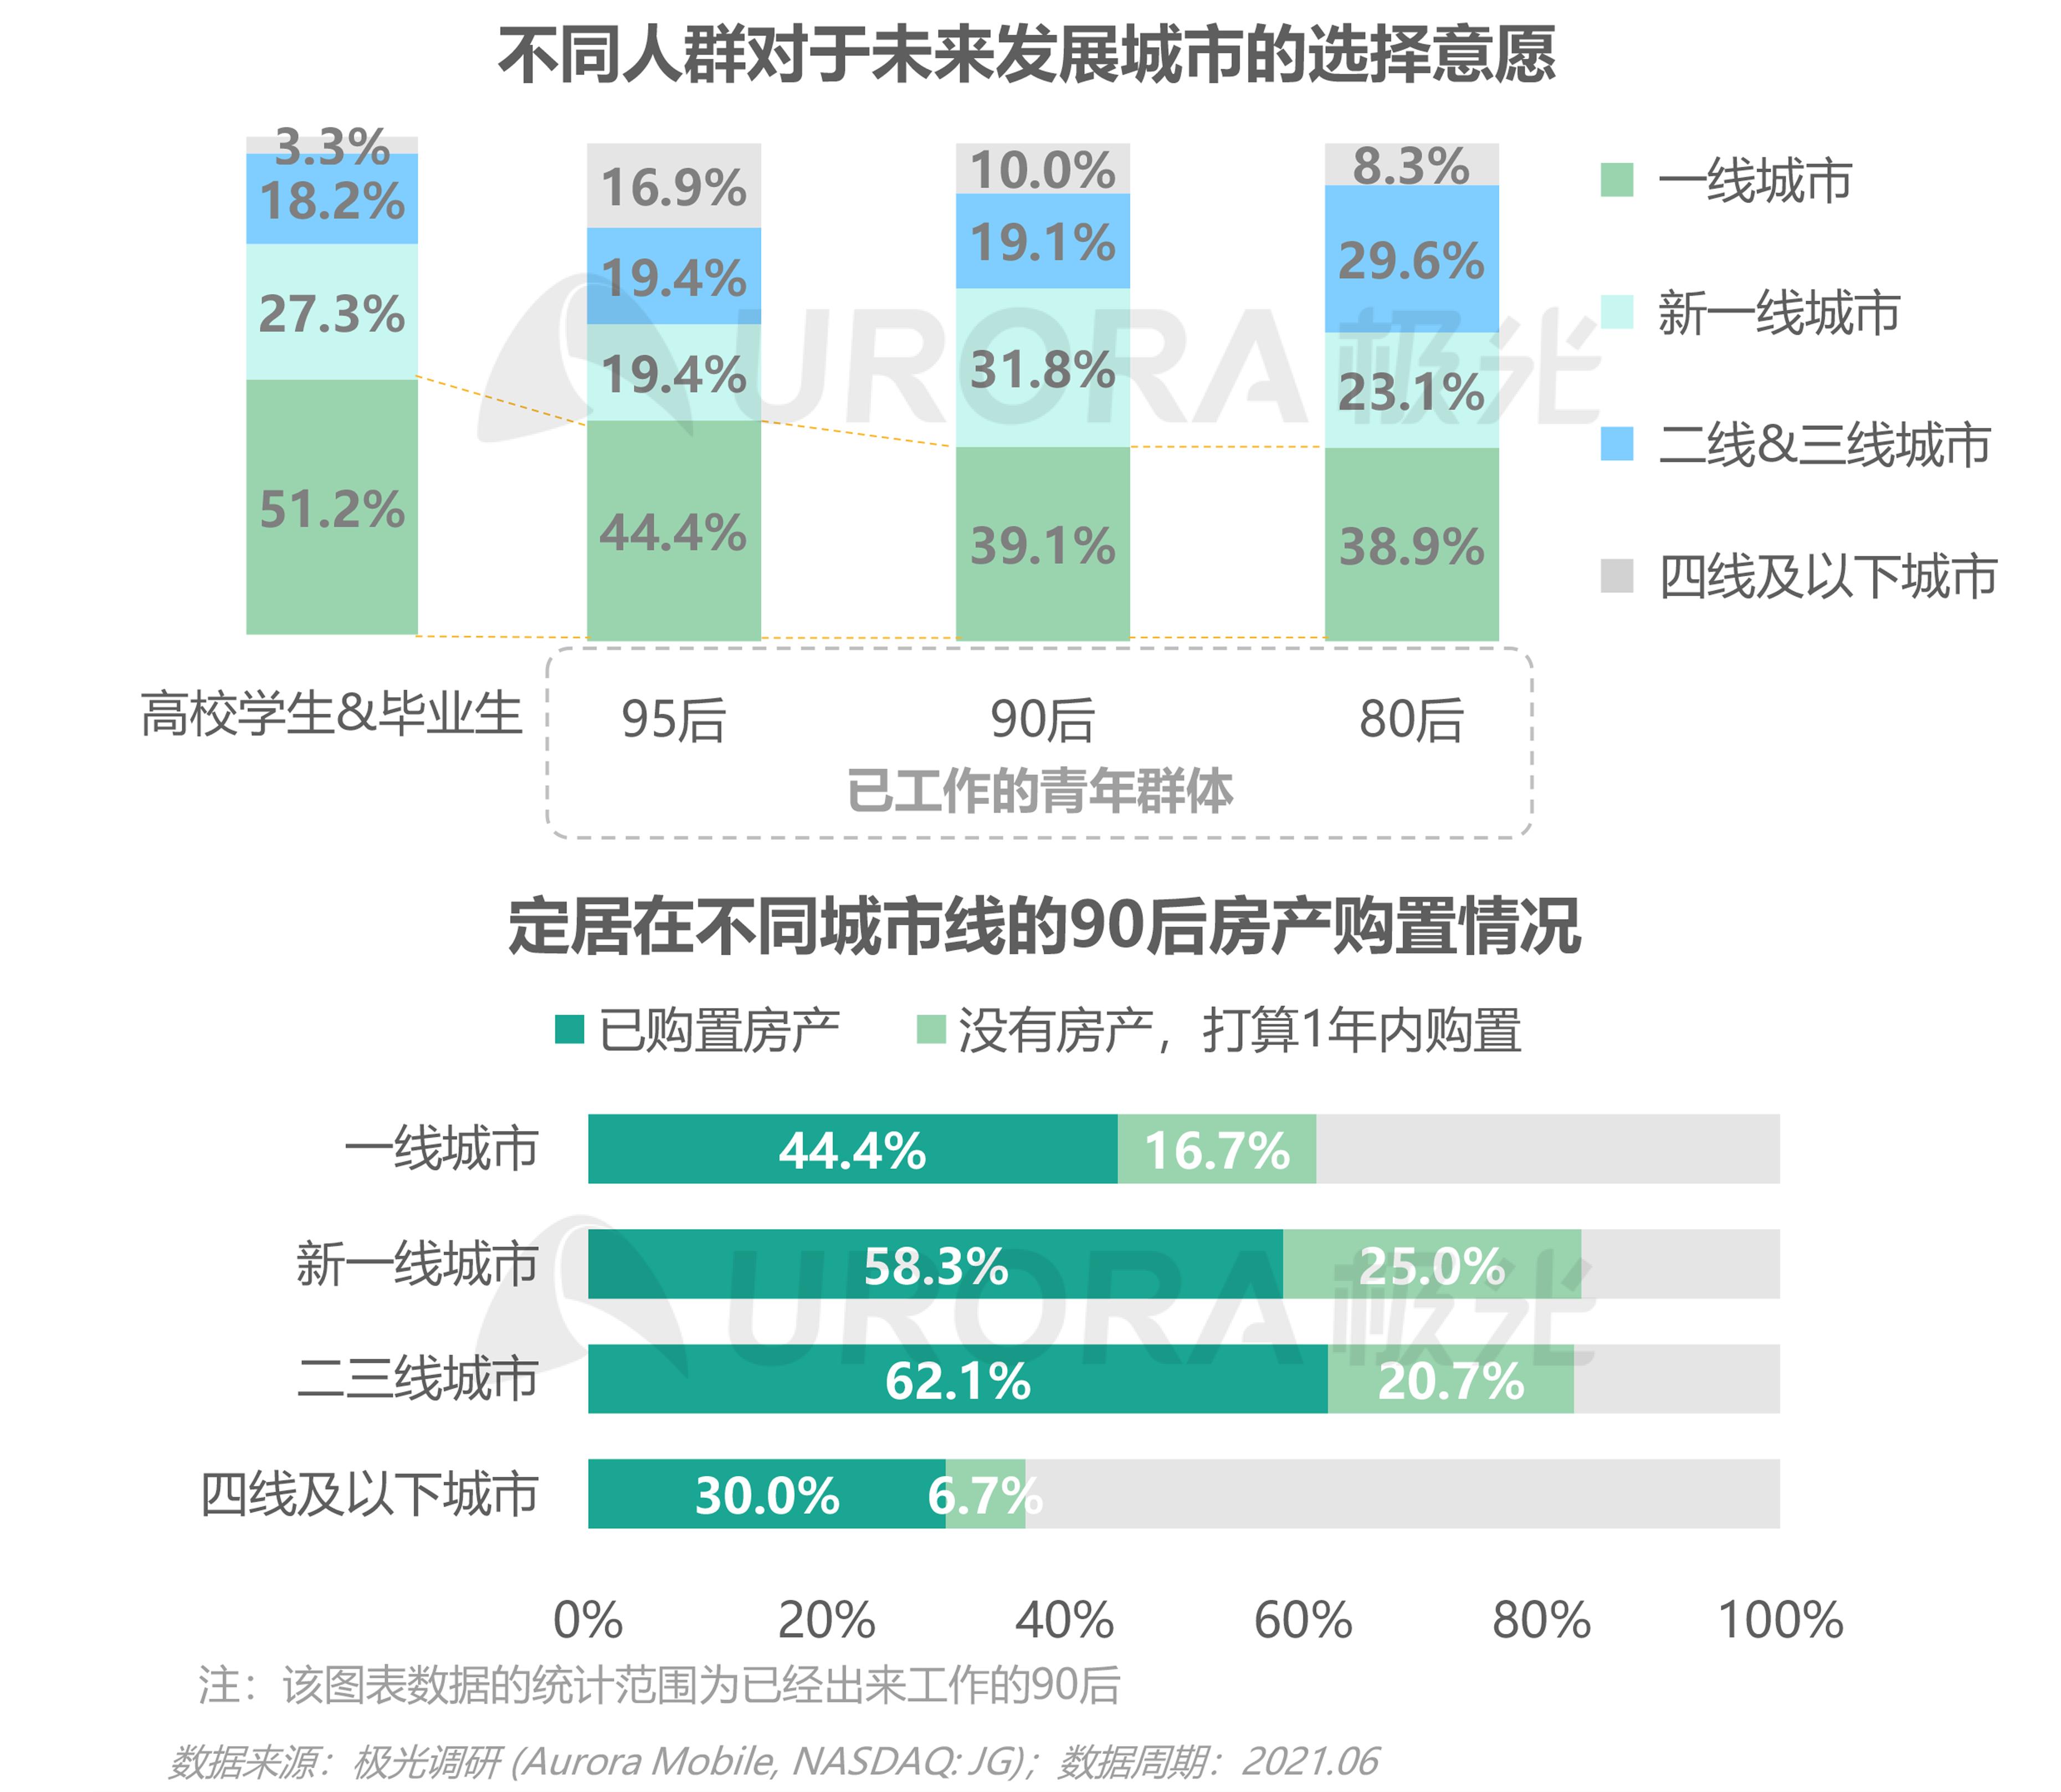 2021毕业生求职状态洞察报告【定稿】-20.png